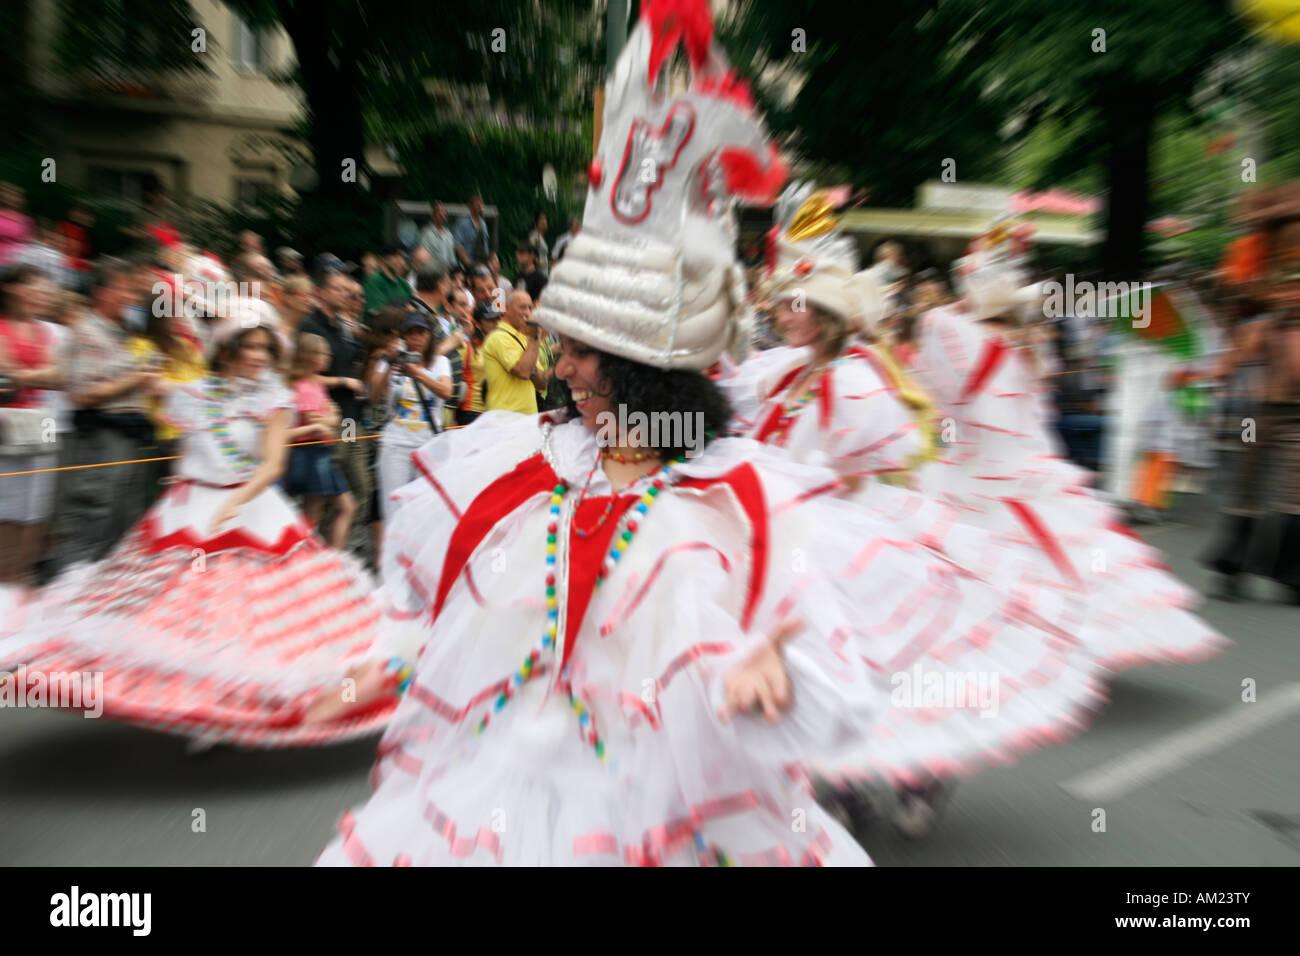 Karneval der Kulturen, Kreuzberg, Berlin, Deutschland Stockbild